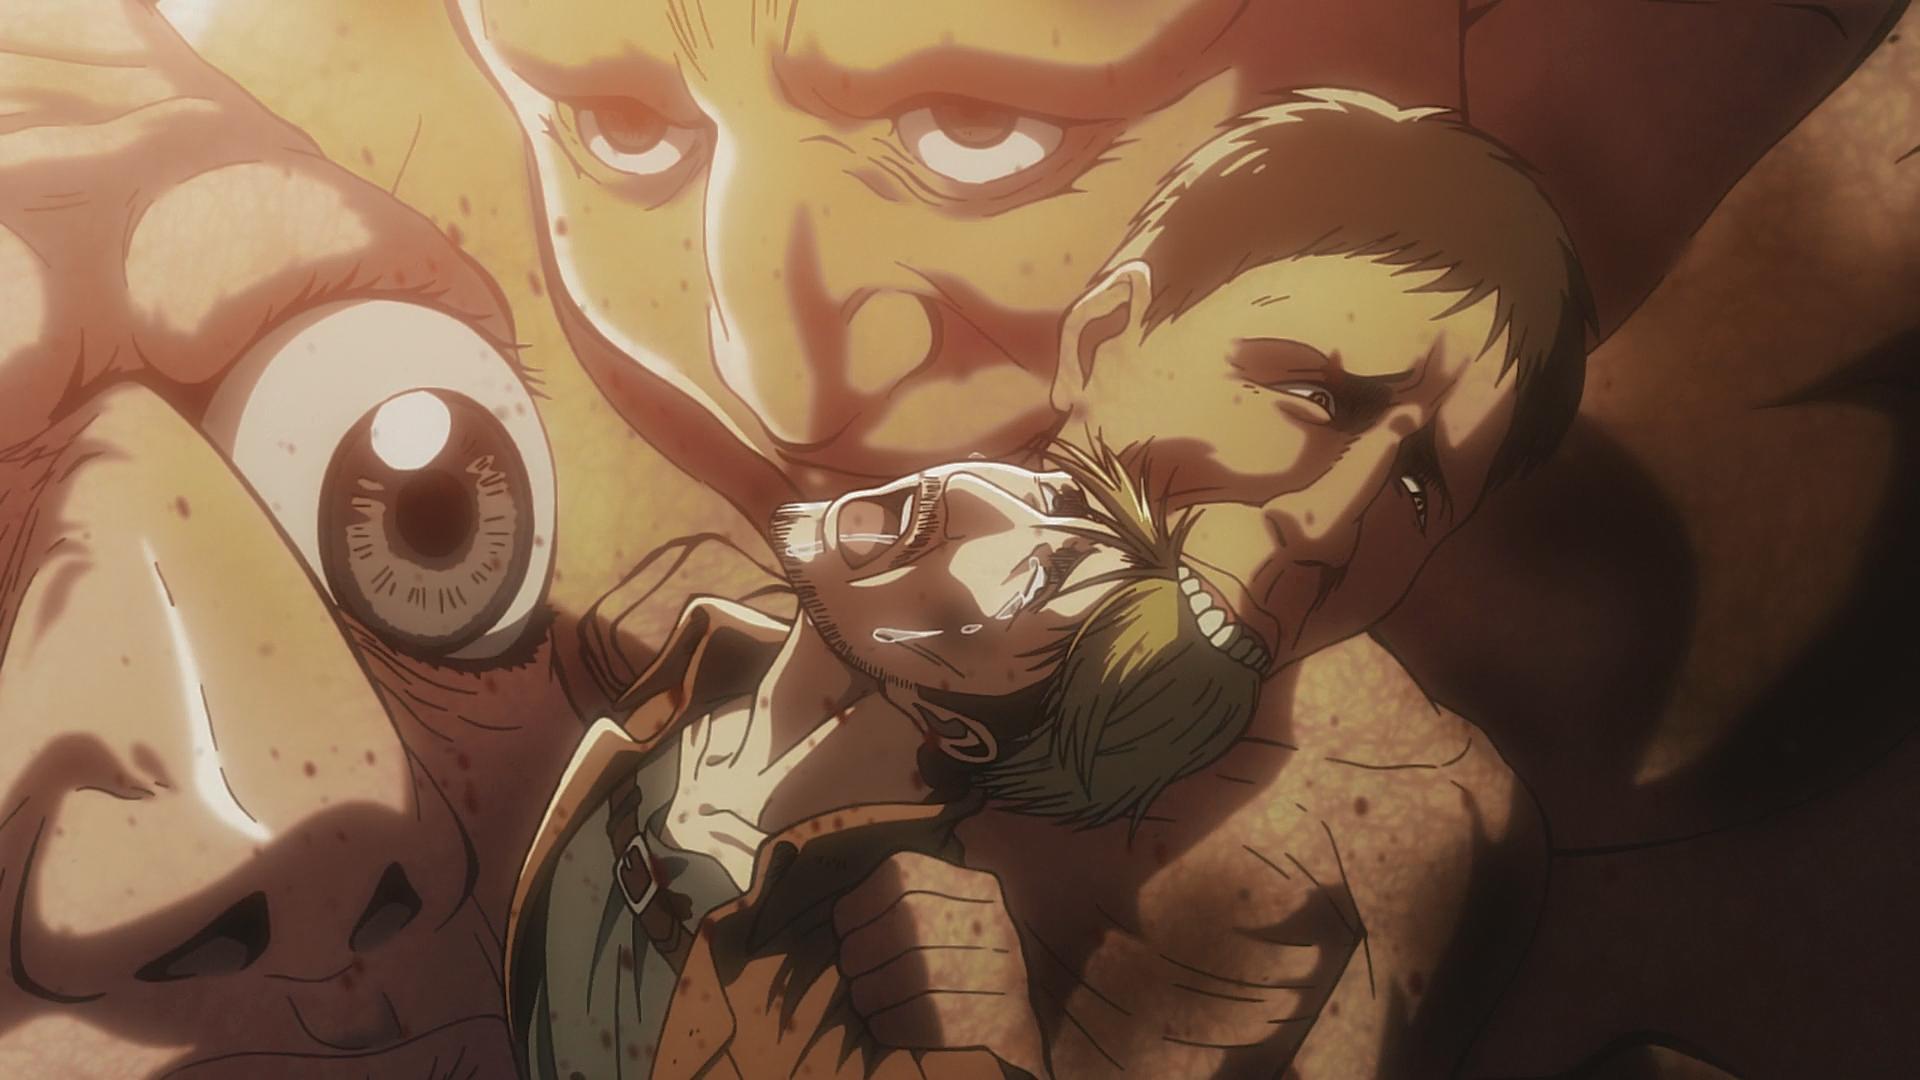 52c57ce0233a Miche Zacharius (Anime) | Attack on Titan Wiki | FANDOM powered by Wikia